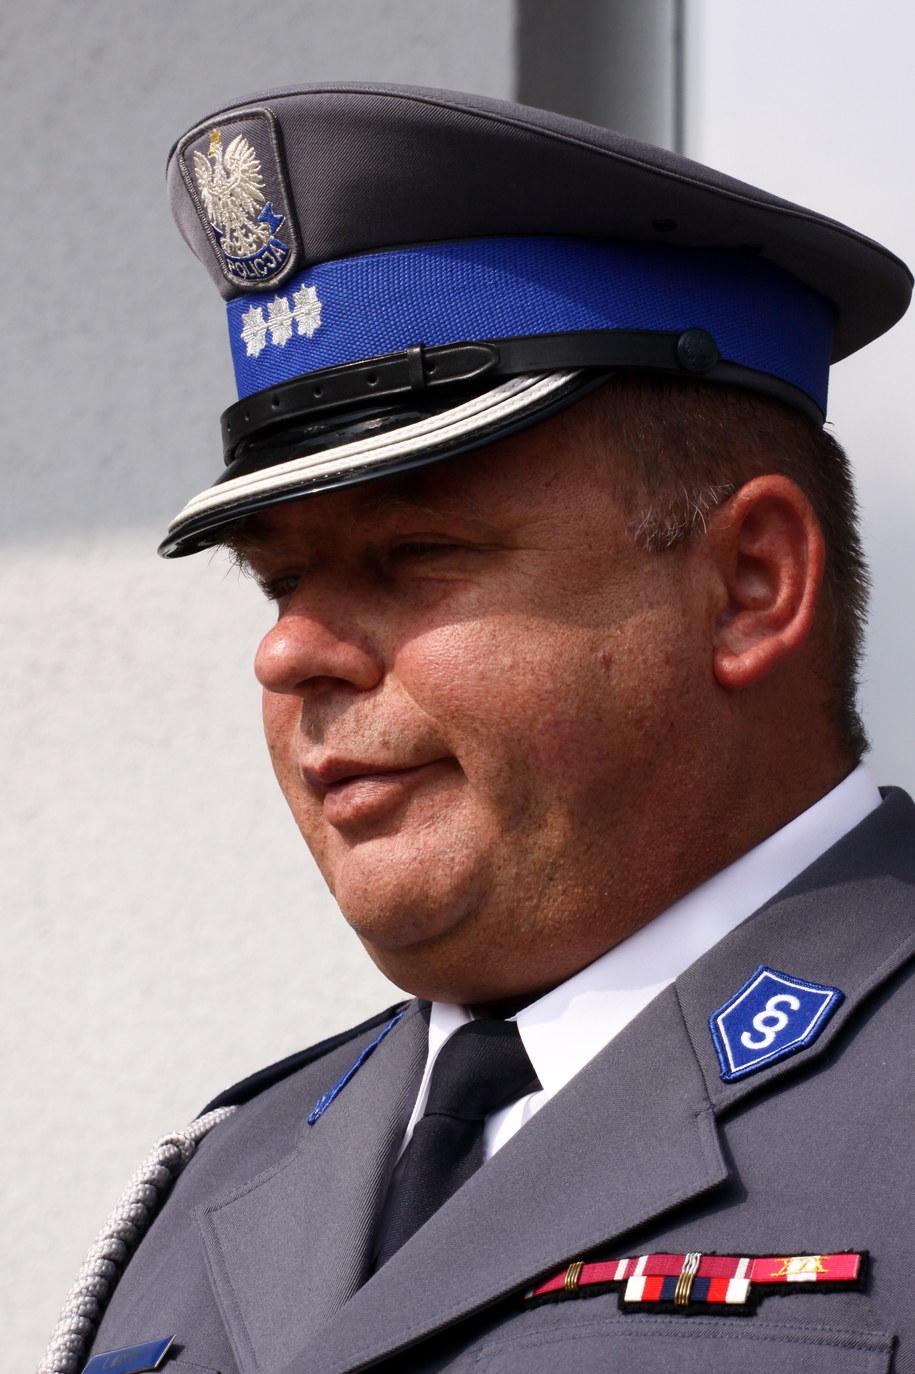 Komendant Wojewódzki Policji w Gorzowie Wlkp. inspektor Leszek Marzec /Lech Muszyński /PAP